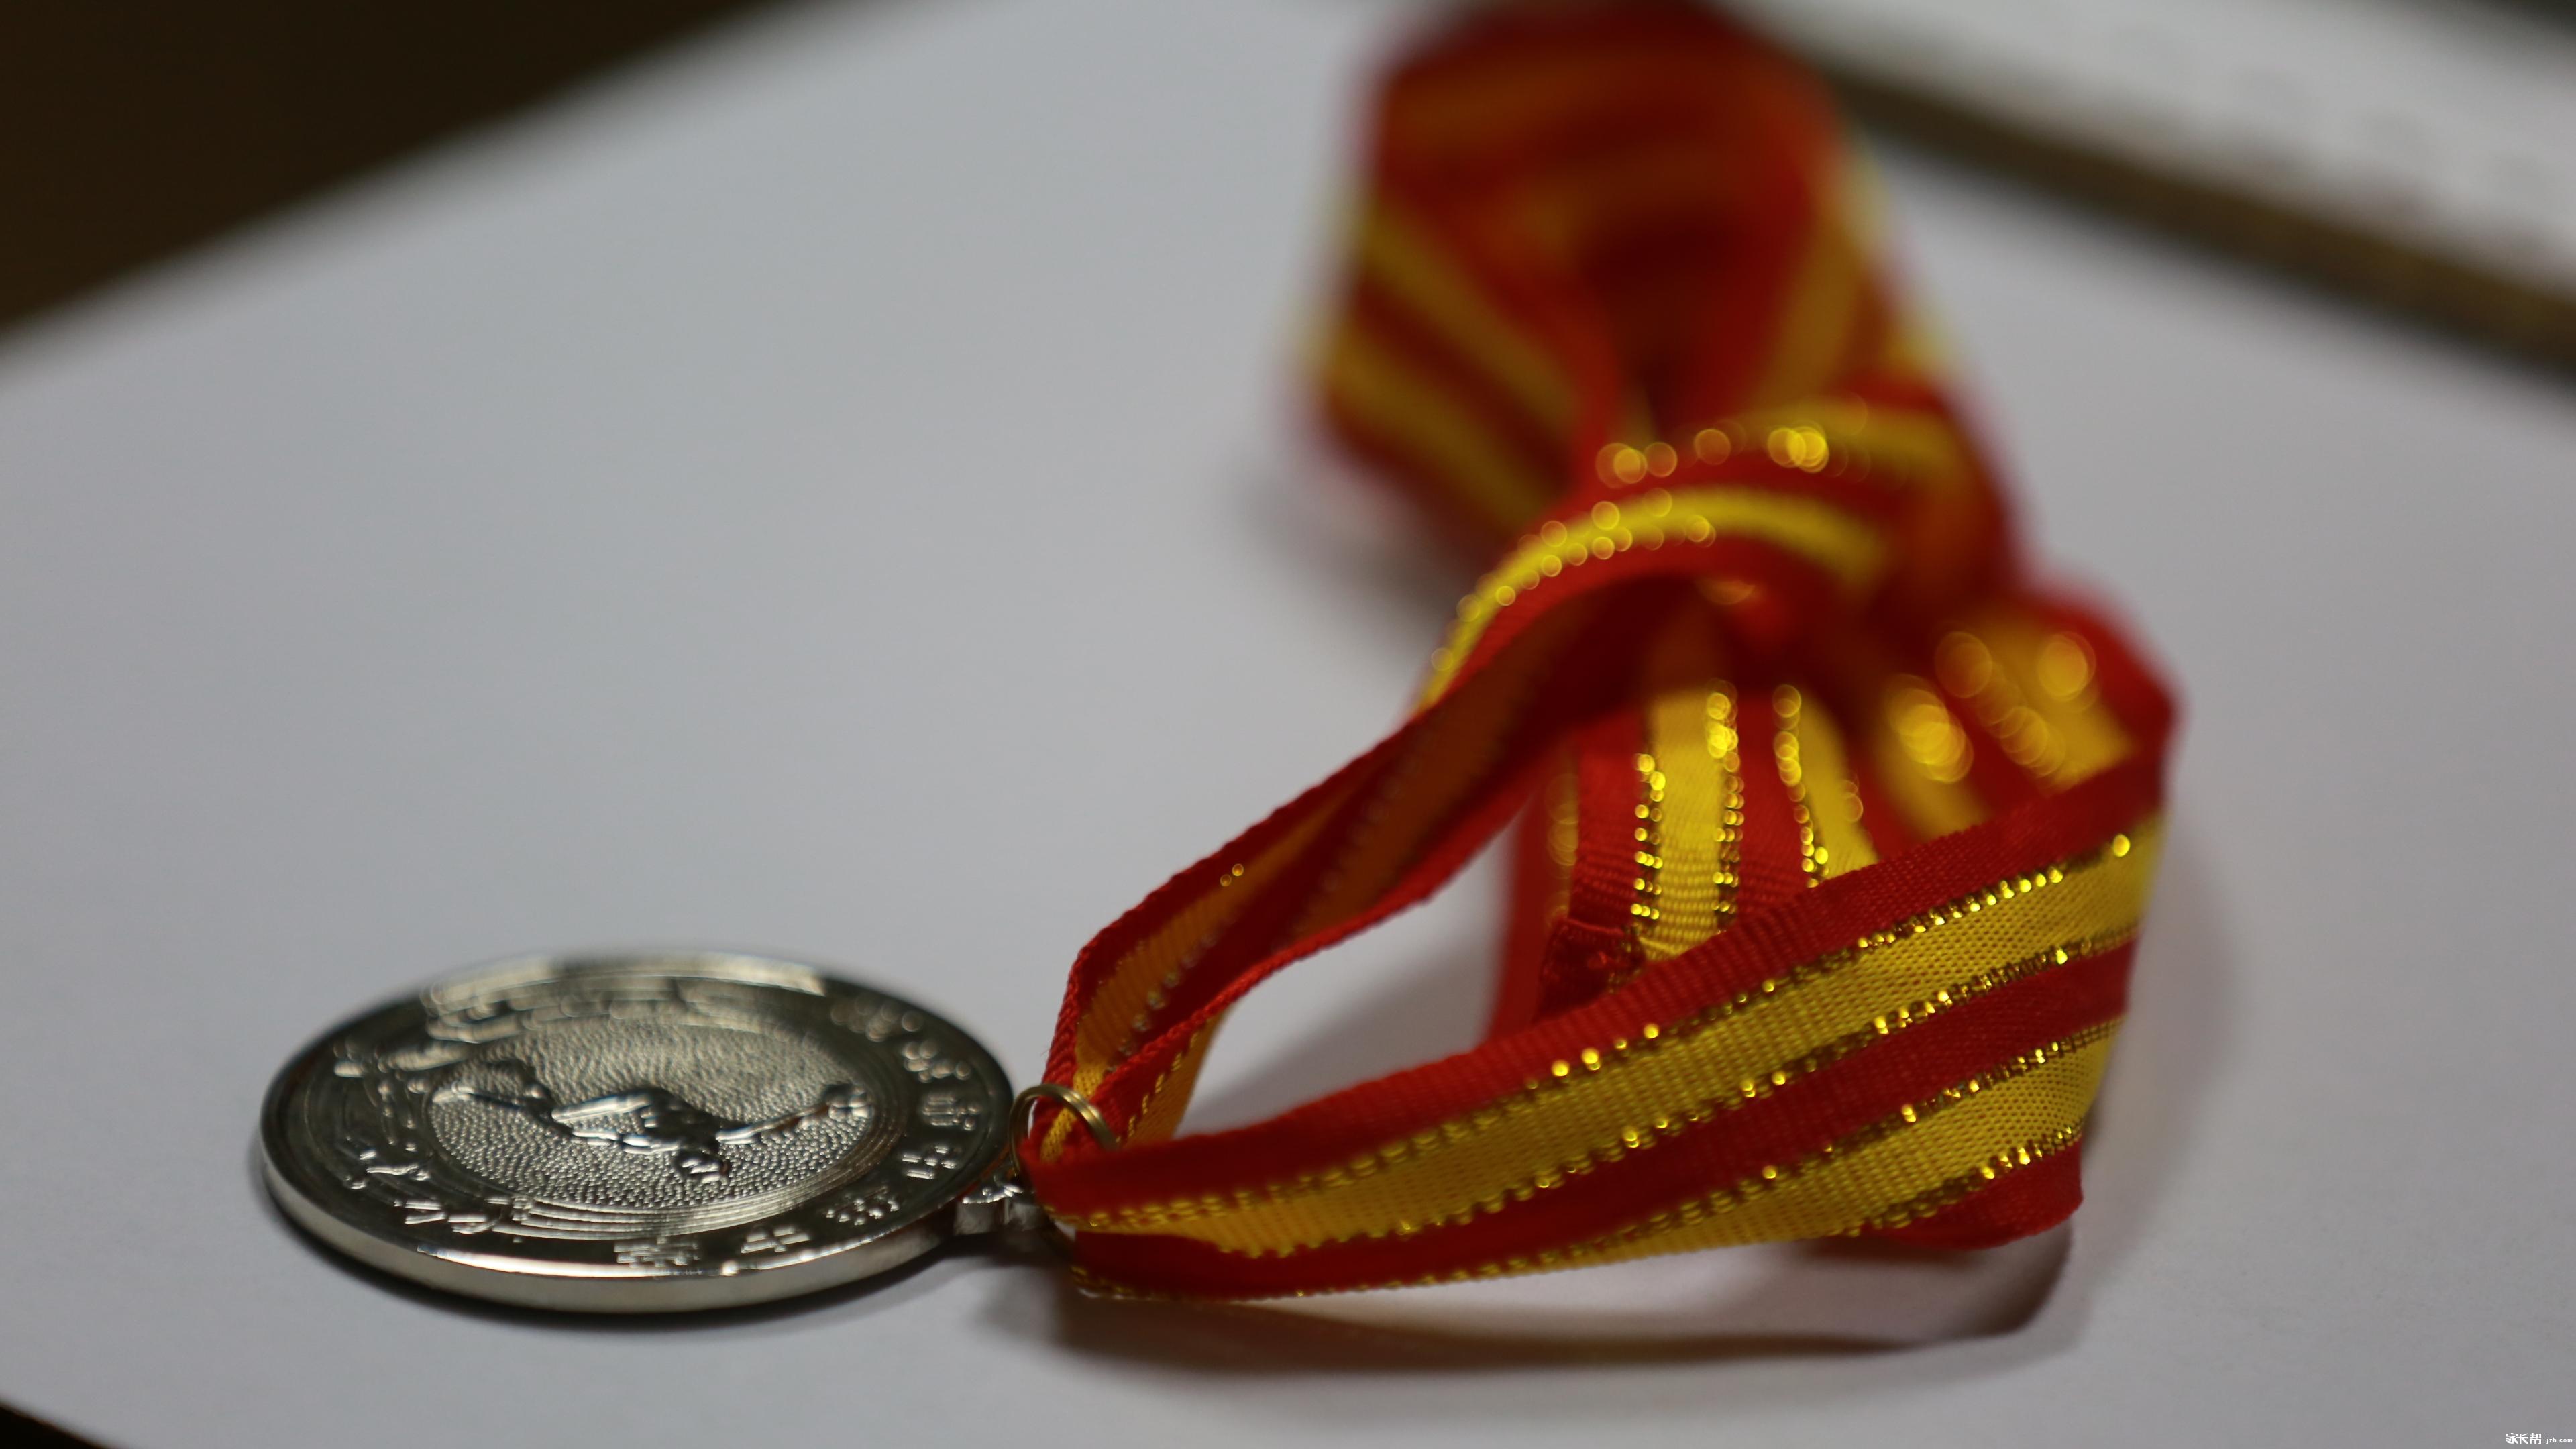 千年第二的奖牌,没有项目名称。